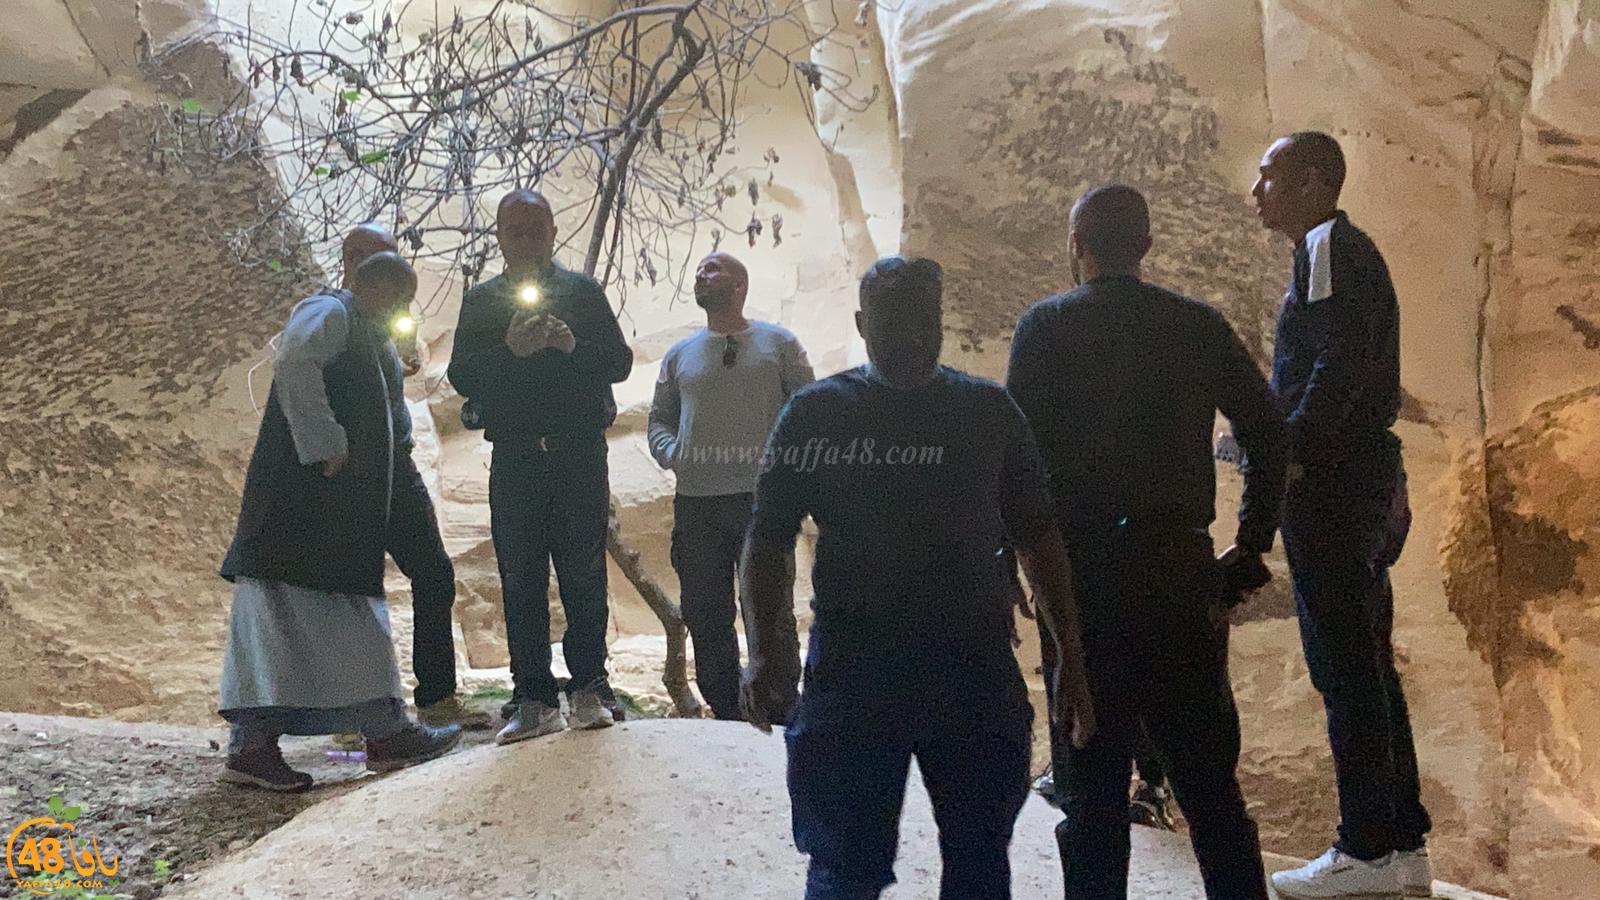 فيديو: شباب يافا في رحلة ترفيهية الى مغارات قرية دير دبان